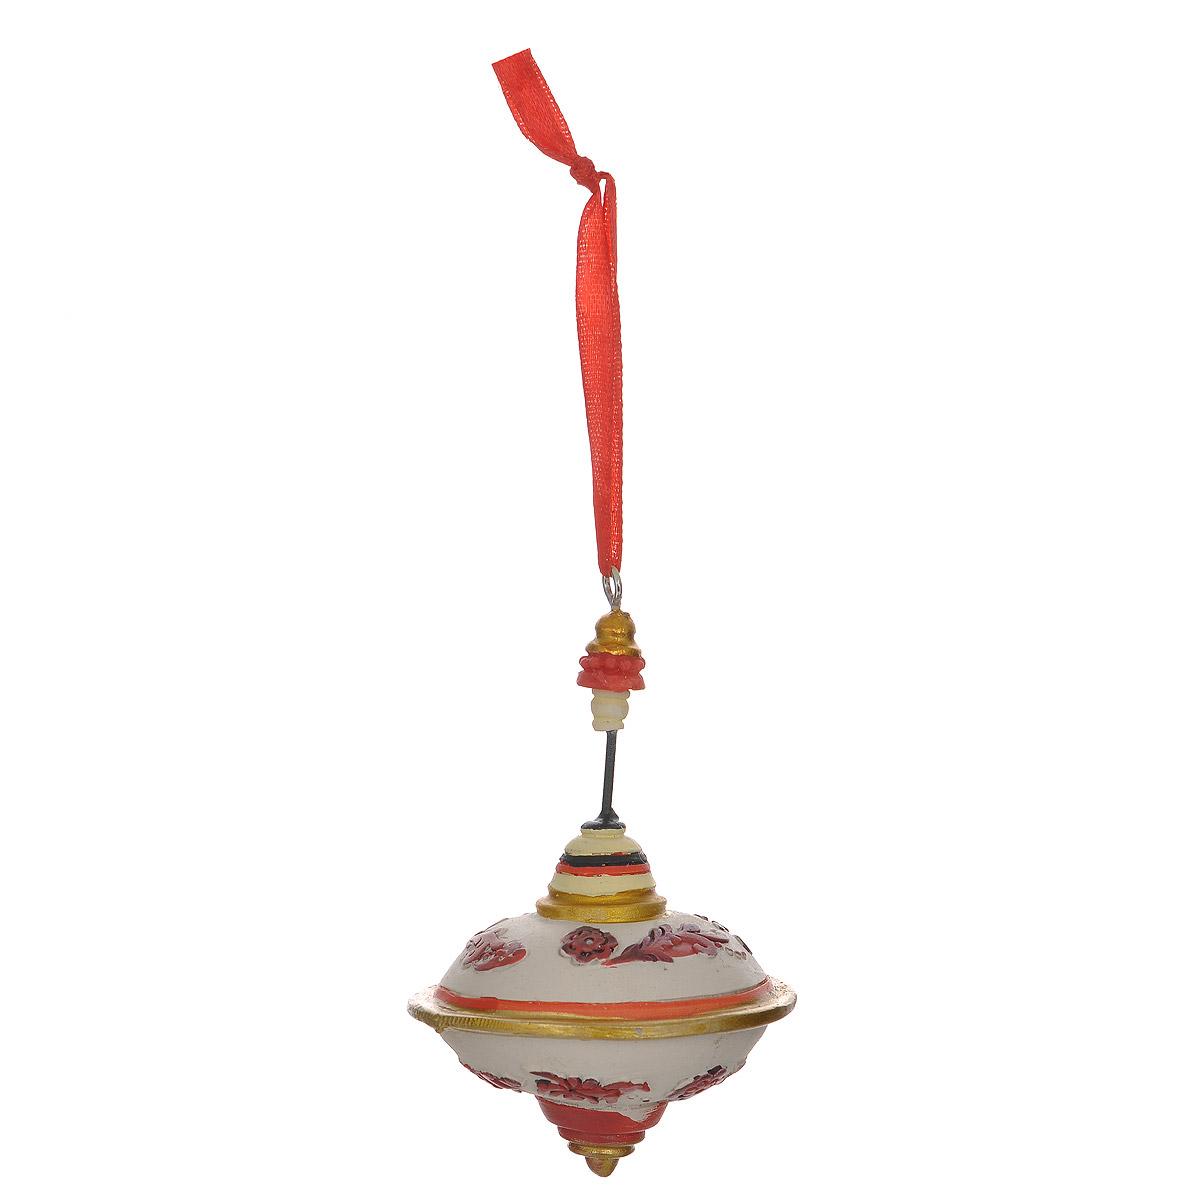 Новогоднее подвесное украшение Юла. 3434Оригинальное новогоднее украшение из пластика прекрасно подойдет для праздничного декора дома и новогодней ели. Изделие крепится на елку с помощью металлического зажима.